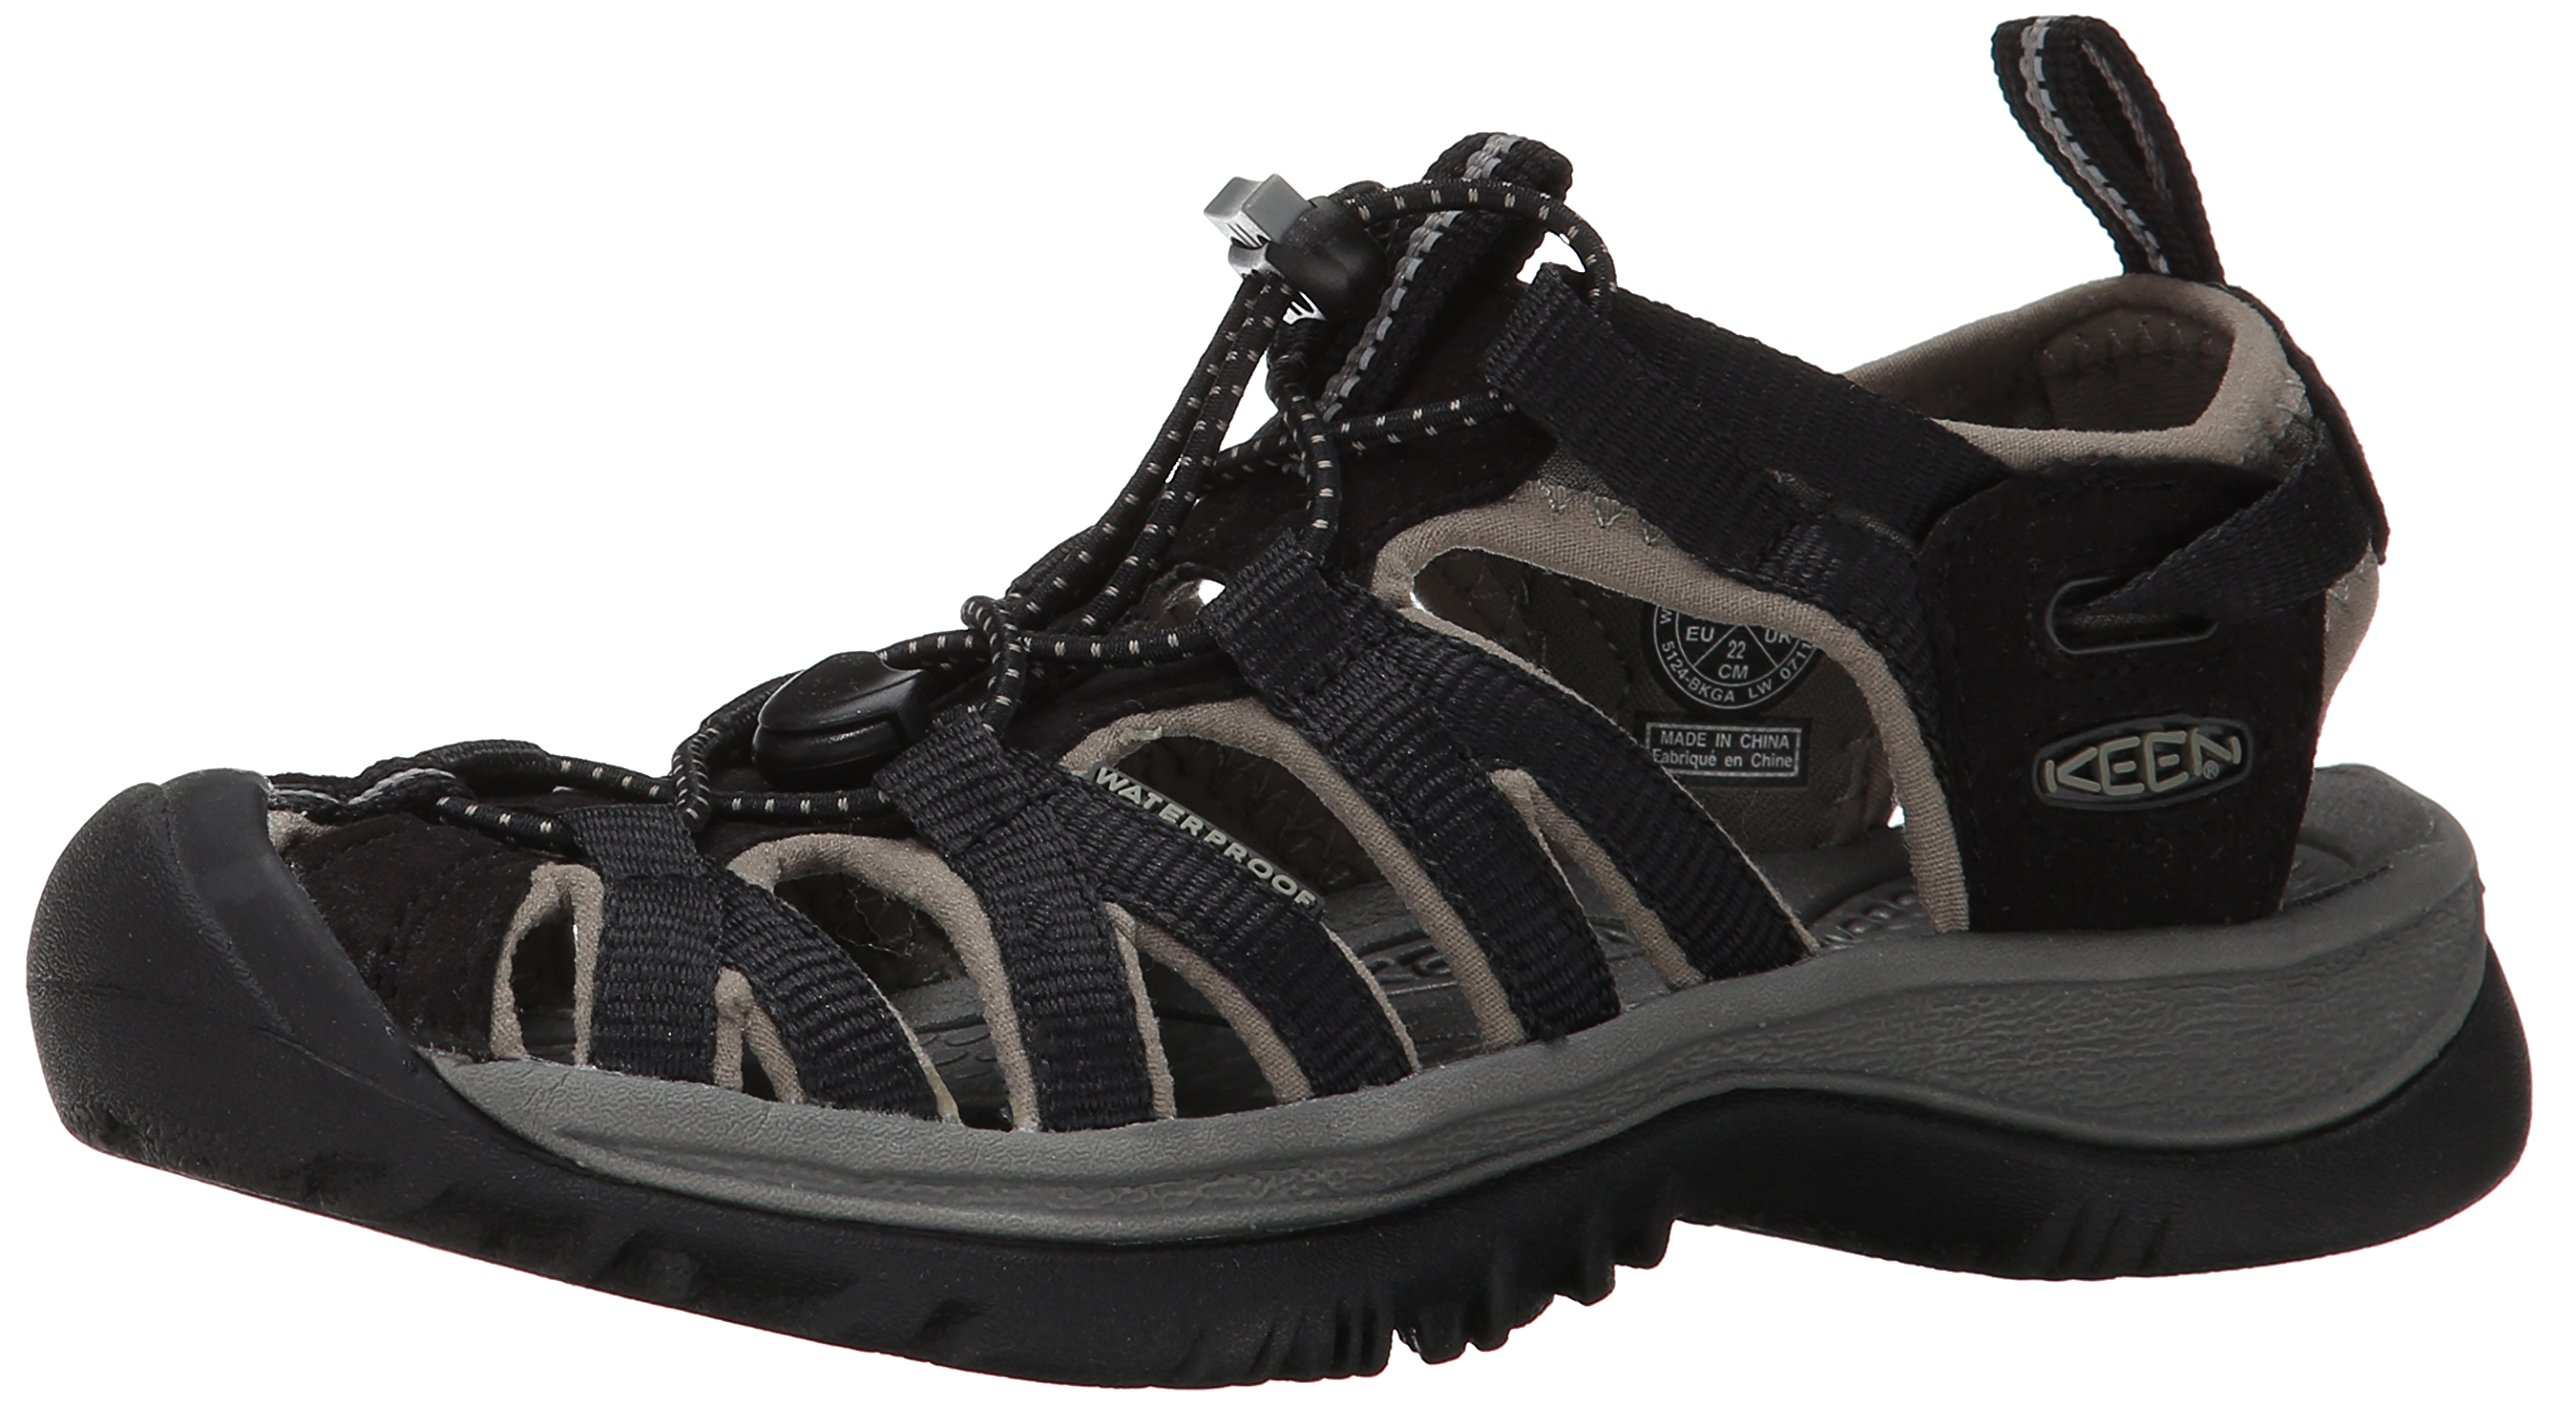 KEEN Women's Whisper Sandal,Black/Gargoyle,10 M US